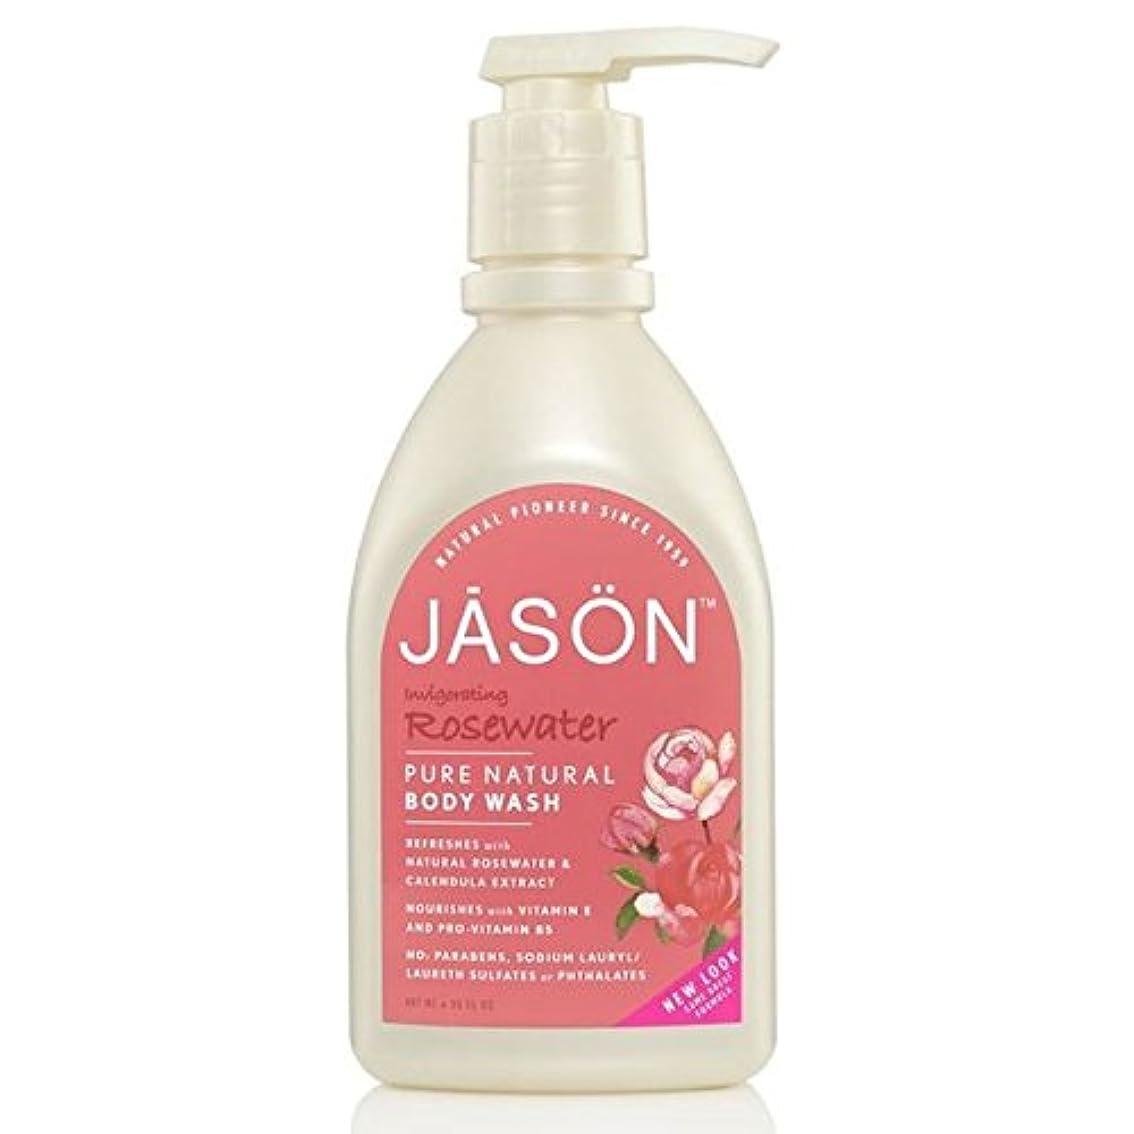 とんでもないレジデンスに沿ってジェイソン?ボディウォッシュローズウォーターサテンシャワー900ミリリットル x2 - Jason Body Wash Rosewater Satin Shower 900ml (Pack of 2) [並行輸入品]